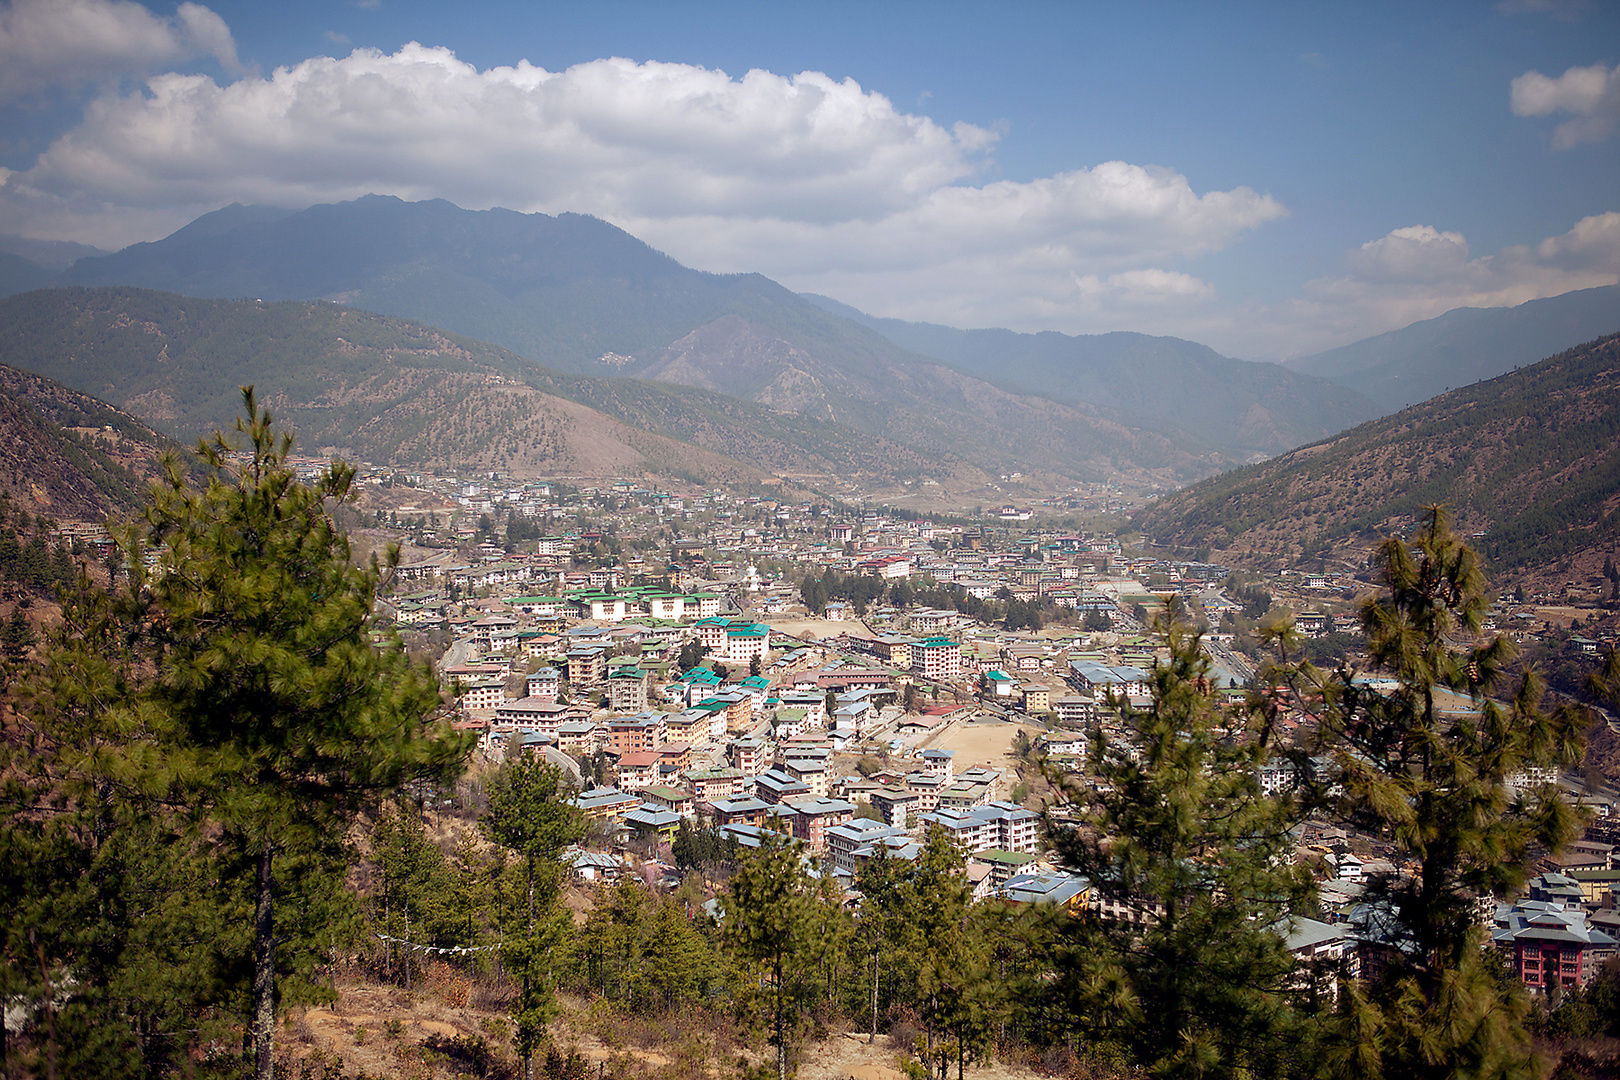 Selbst Gott kann nicht zwei Berge ohne ein Tal dazwischen machen. © Gälisches Sprichwort